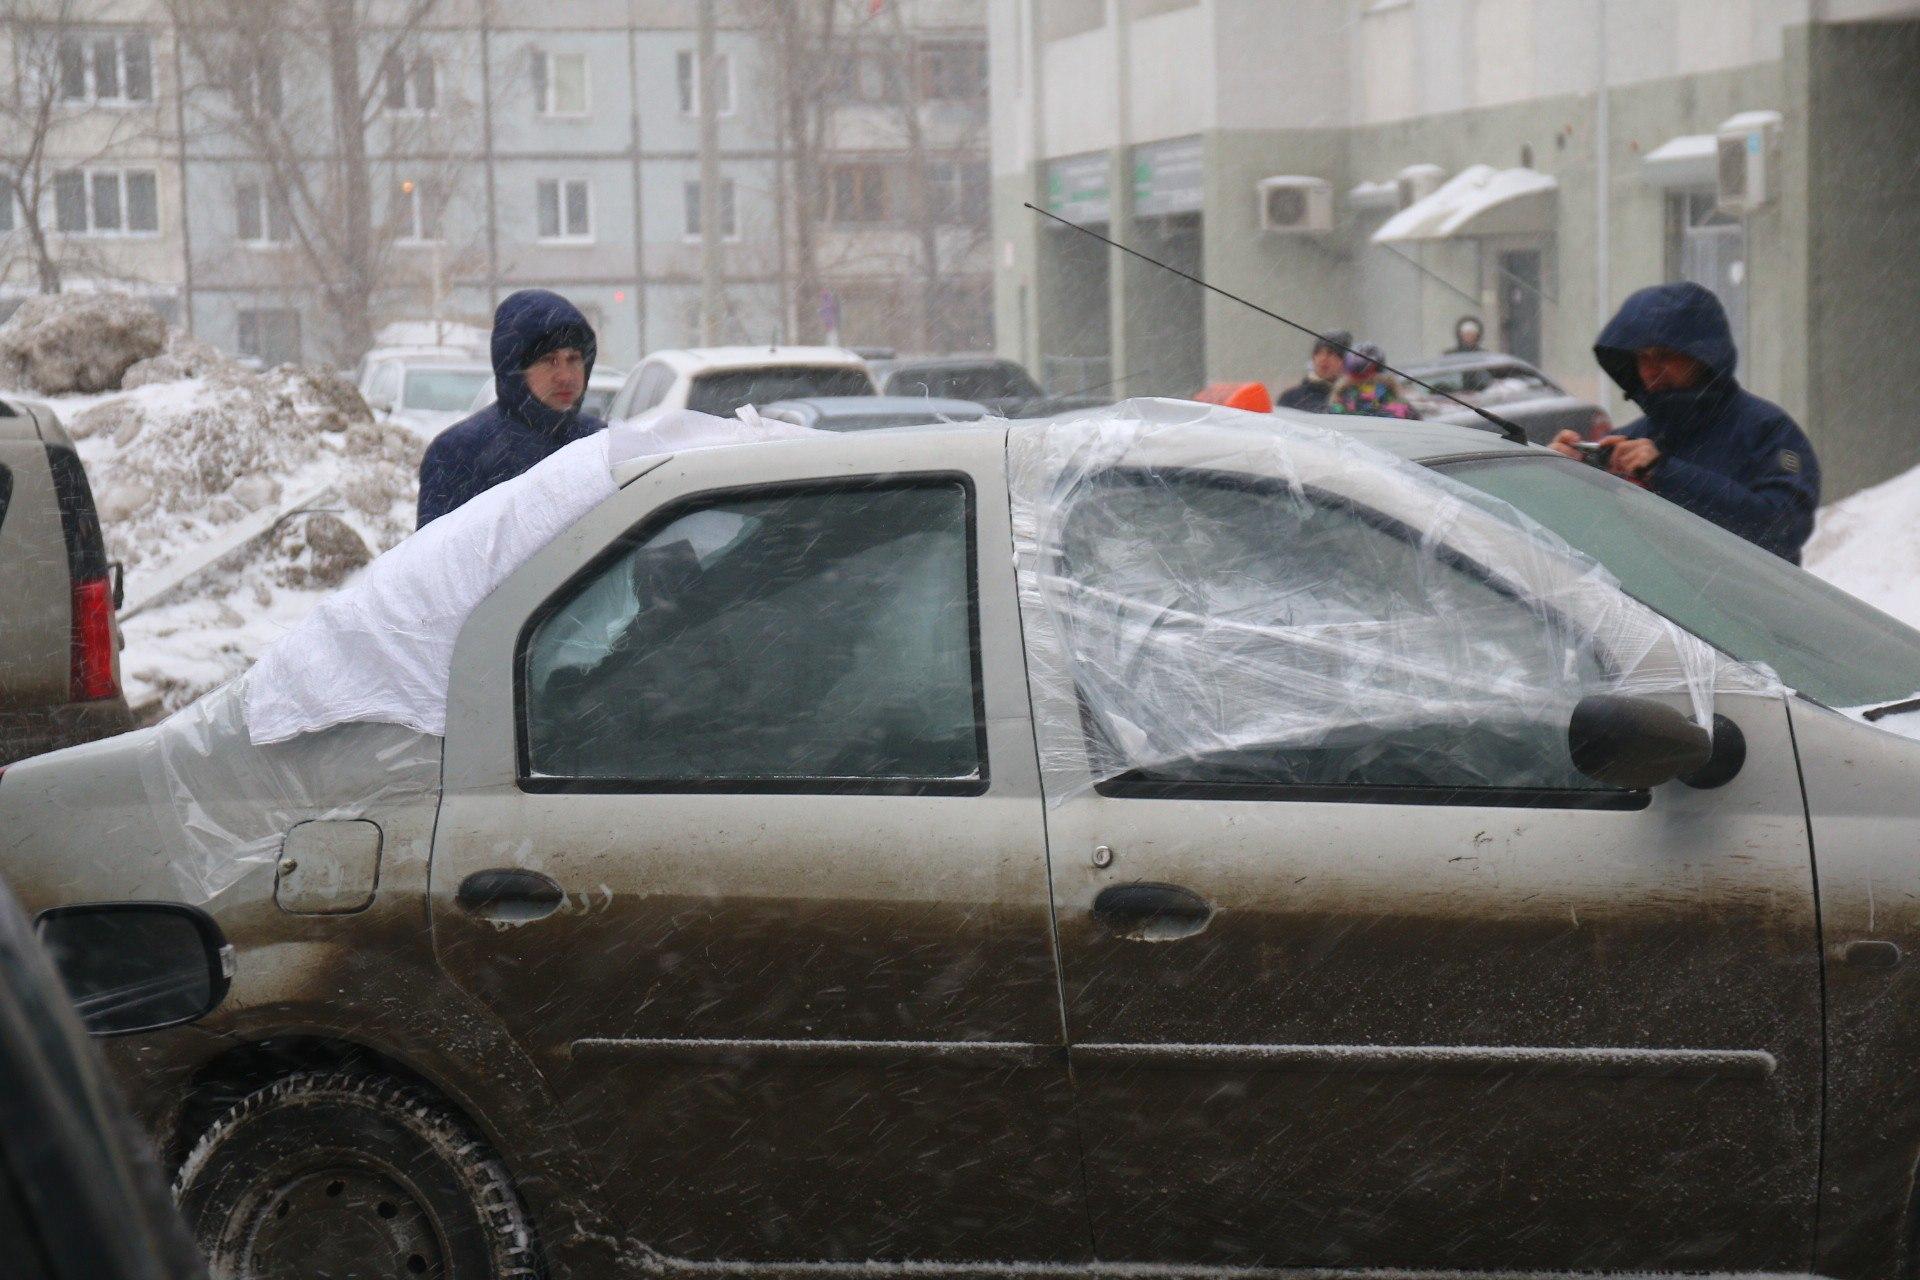 Автовладельцы фотографируют свои машины, чтобы зафиксировать ущерб